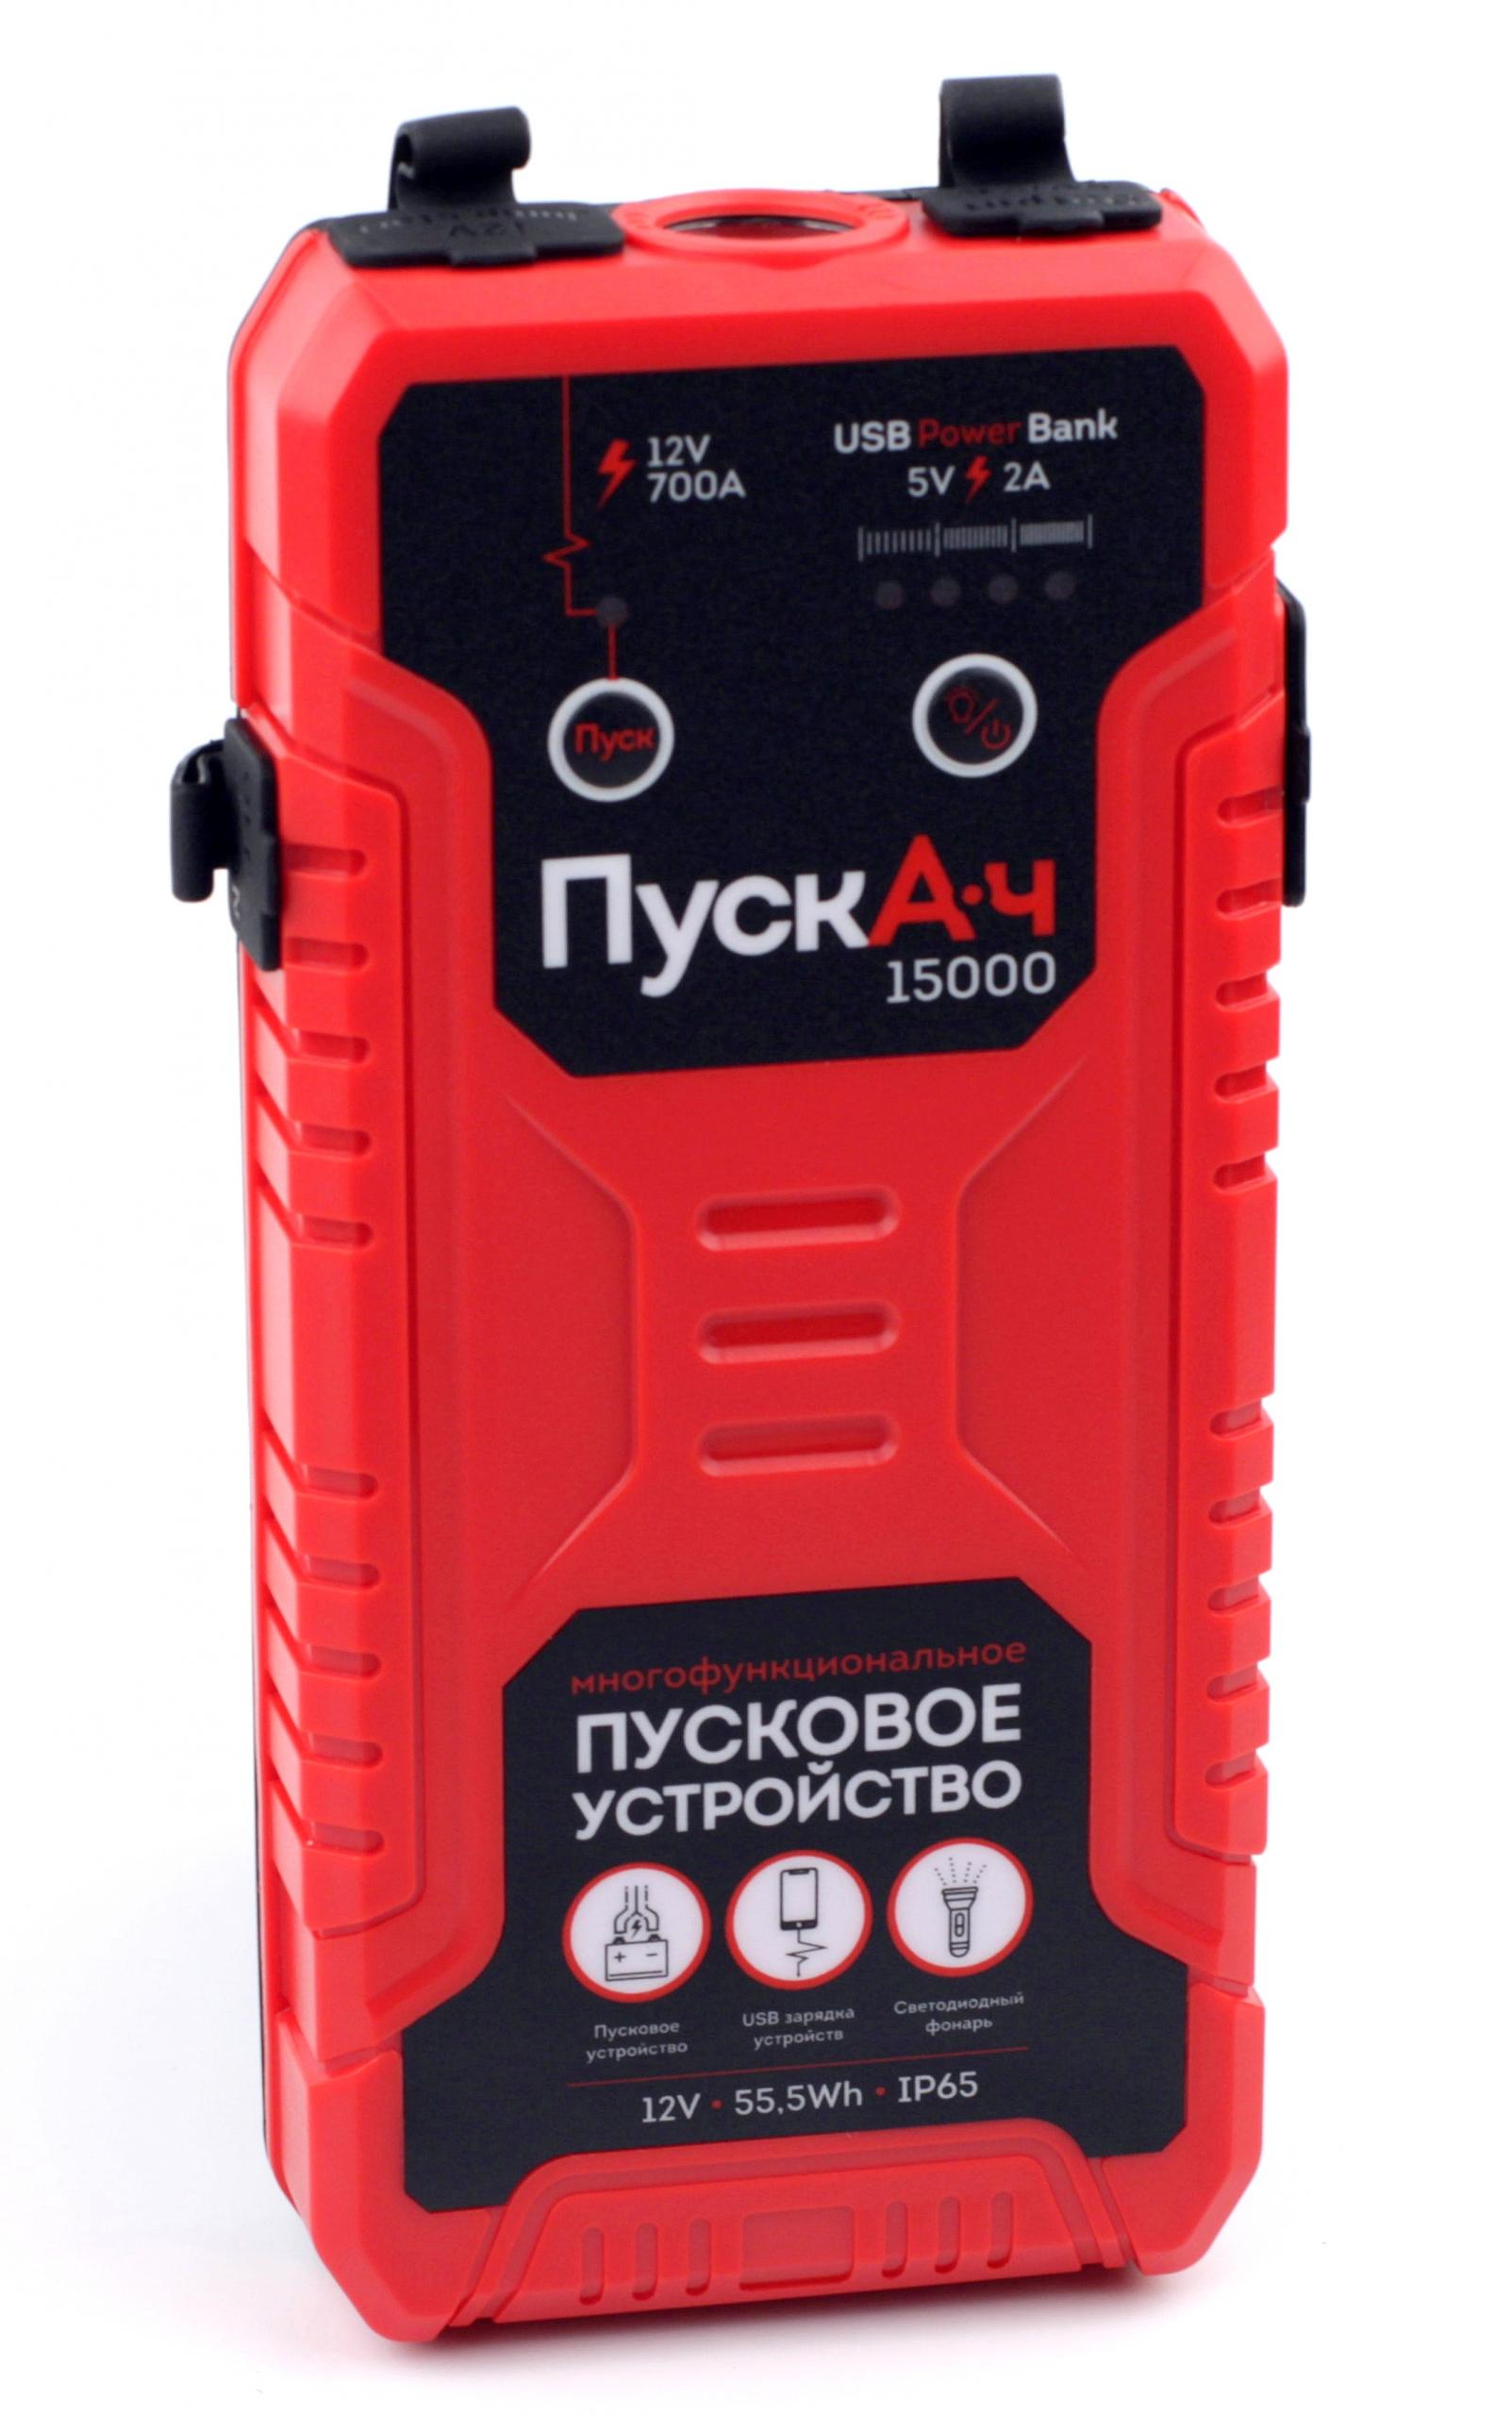 BS-JS15 Пусковое устройство ПускАч 15000